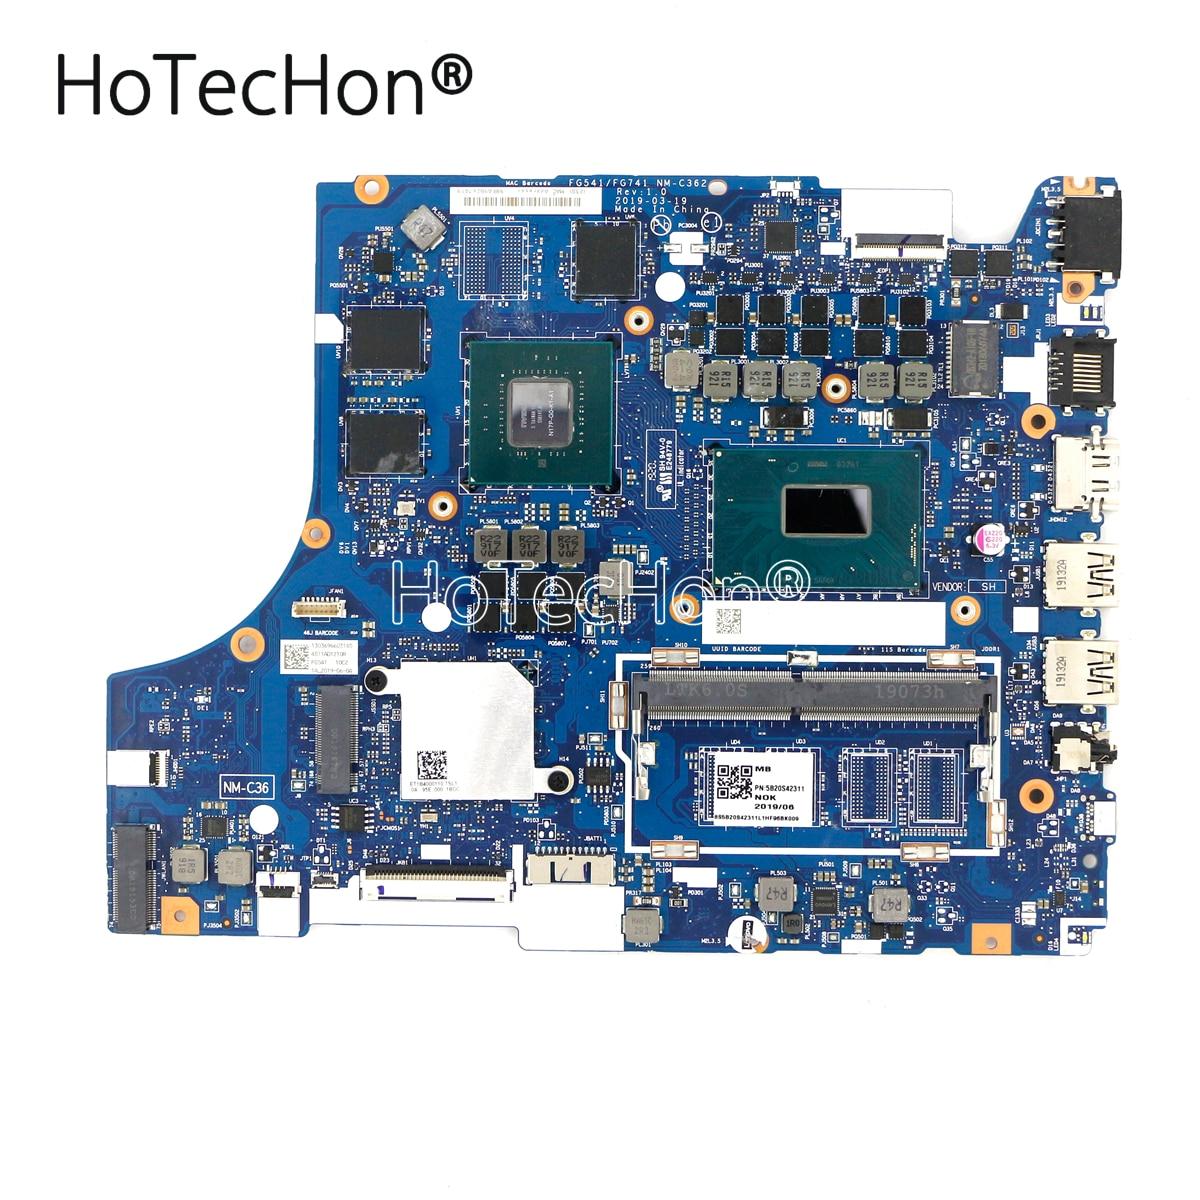 5B20S42311-Материнская плата ноутбука NM-C362 w/ i5-9300H + GTX 1050 V3G для Lenovo L340-15IRH ноутбуки